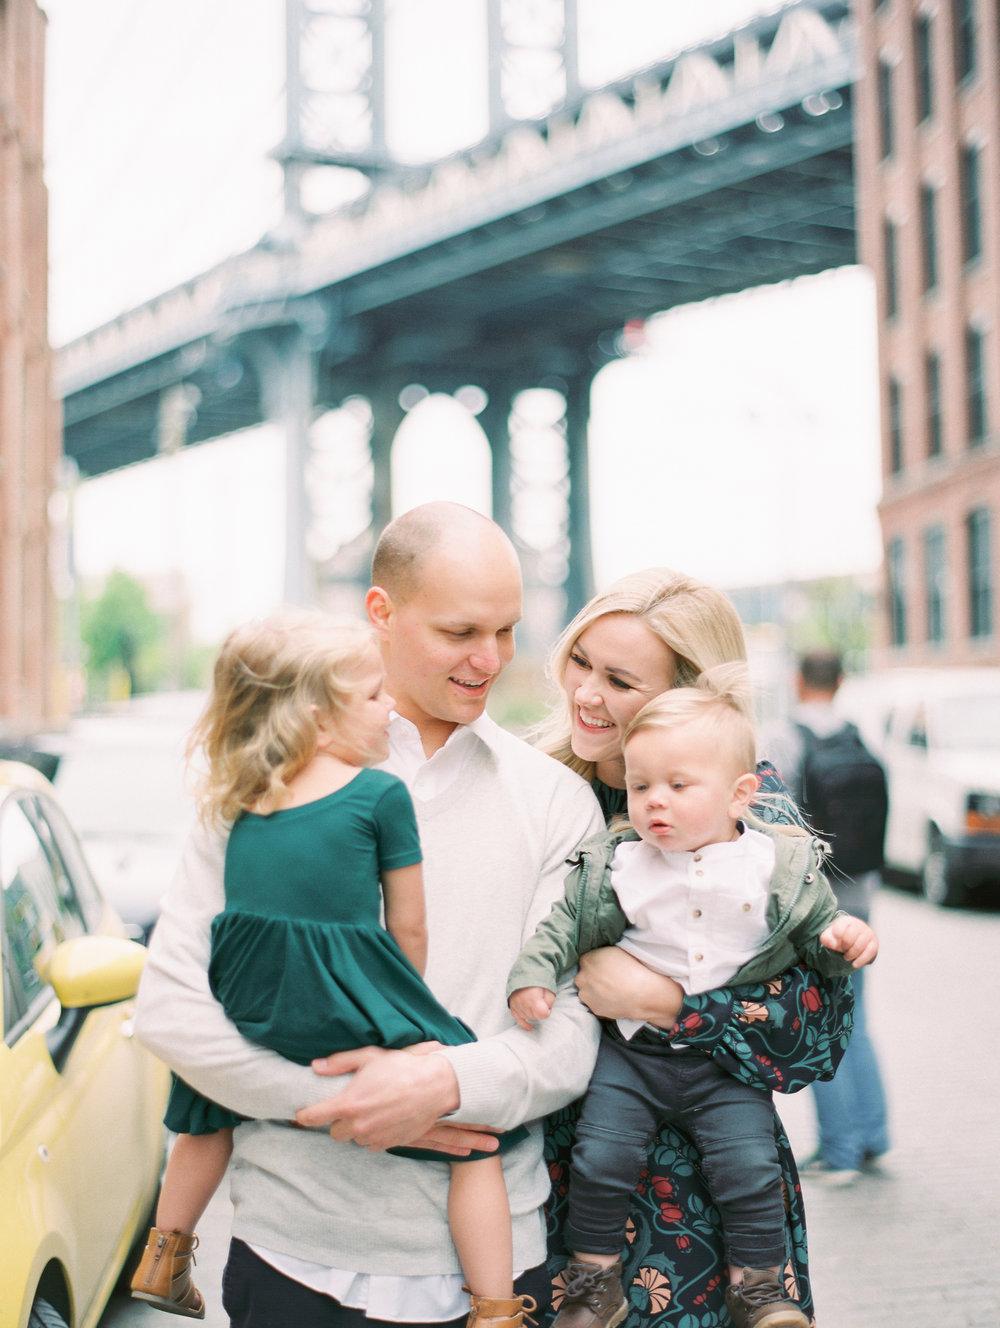 kels&michael_binghamfamily-10.jpg